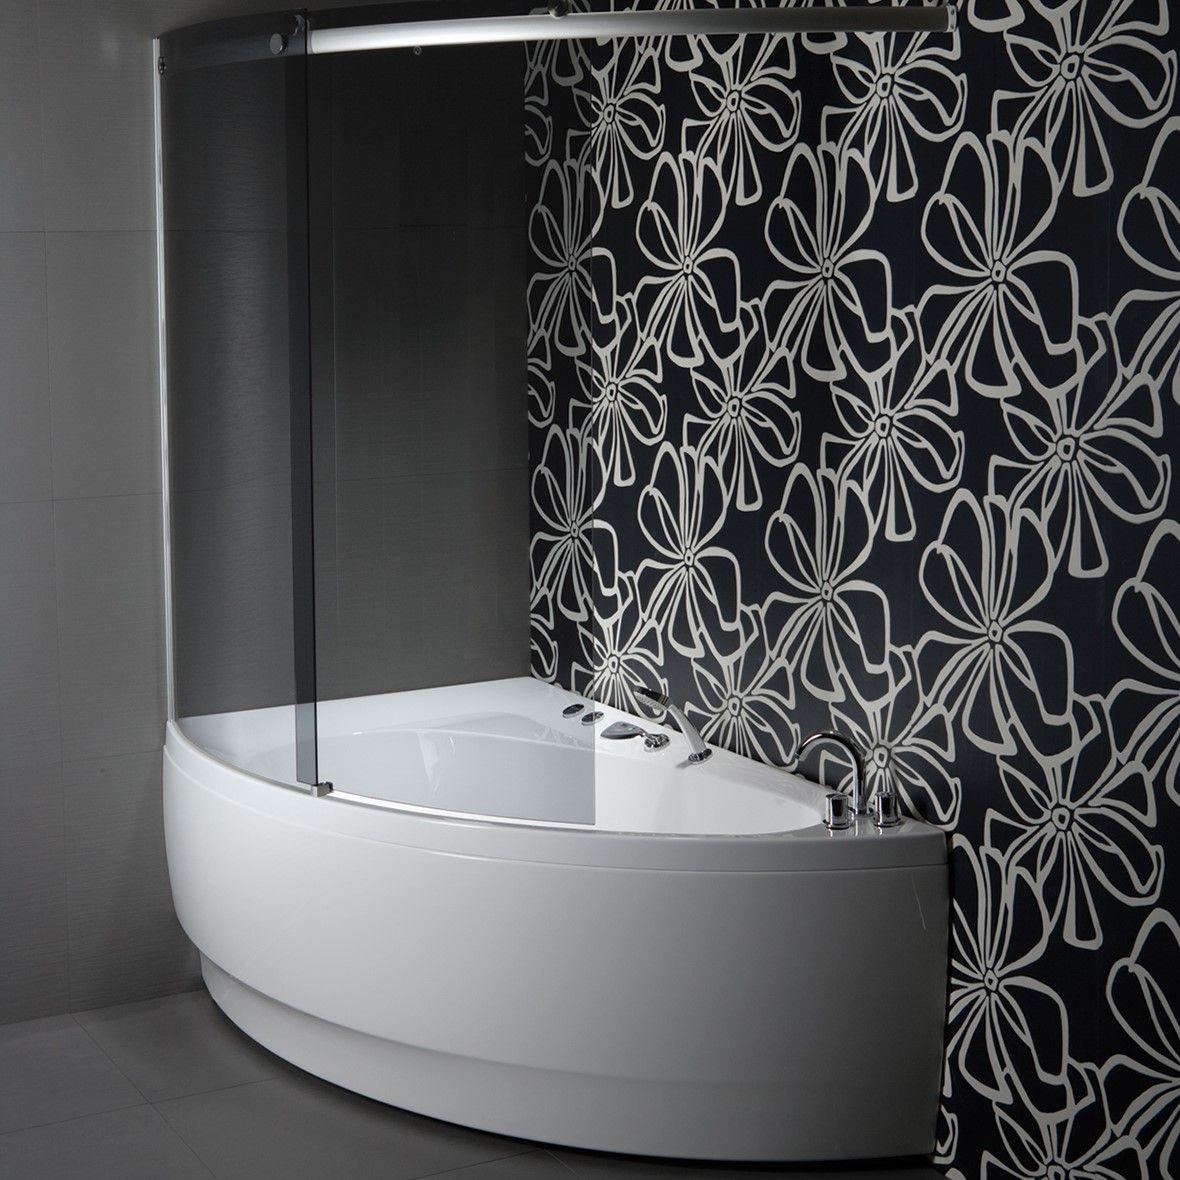 Гидромассажная ванна Balteco Idea 17 170x100 ФОТО